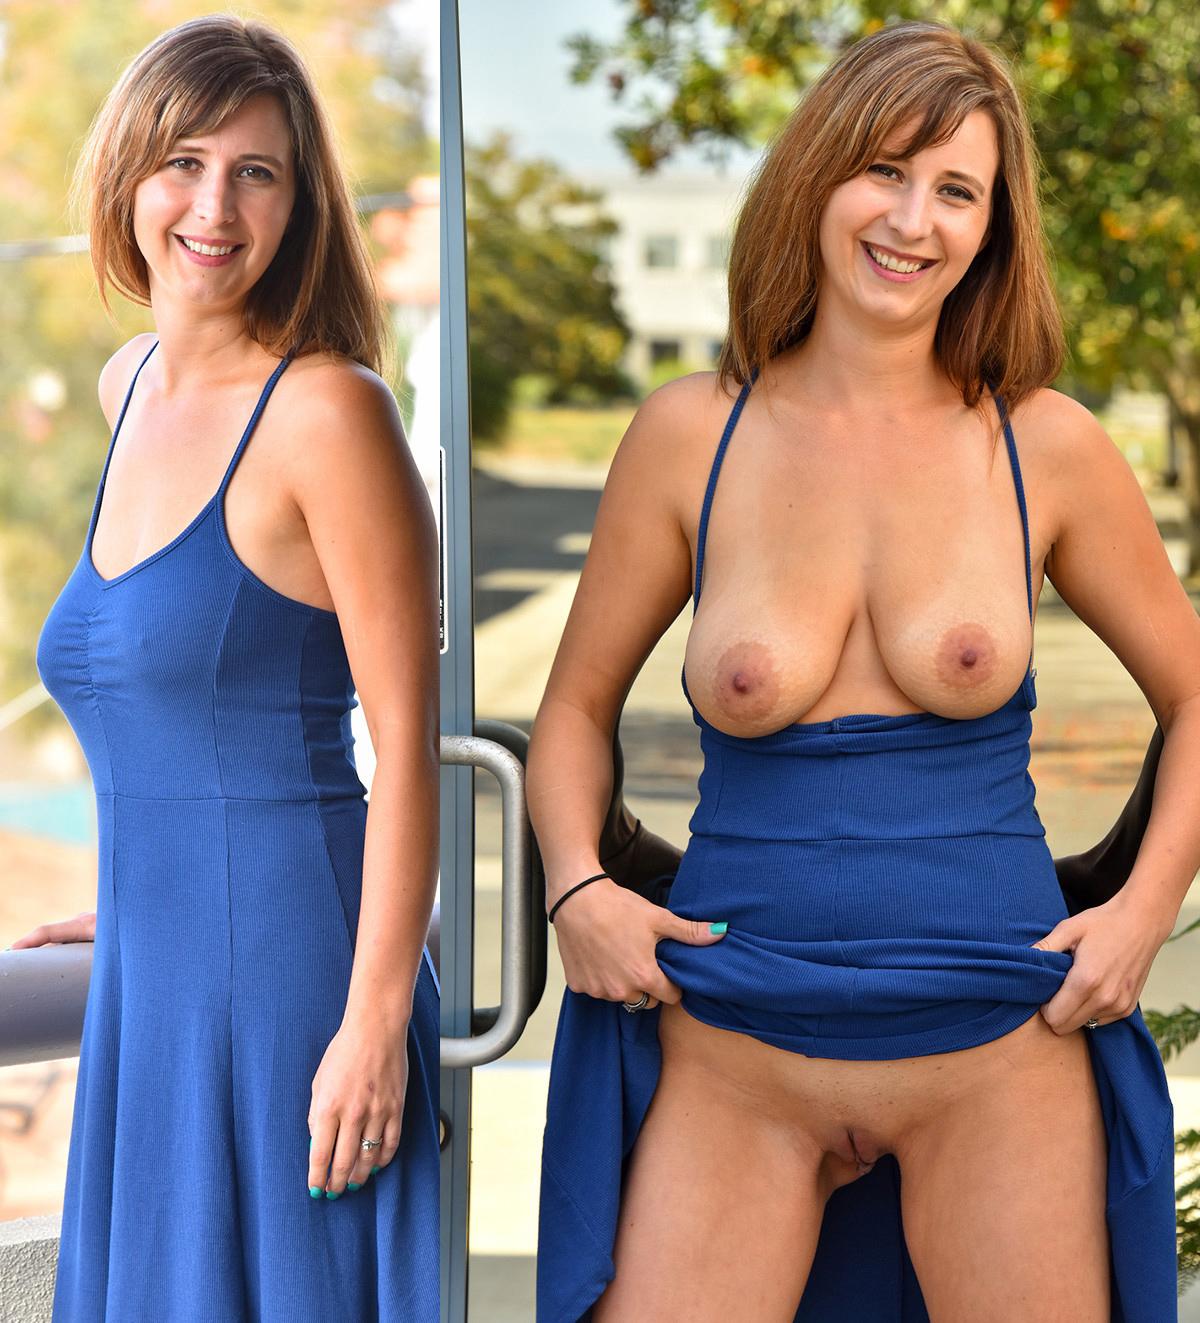 Dressed nude